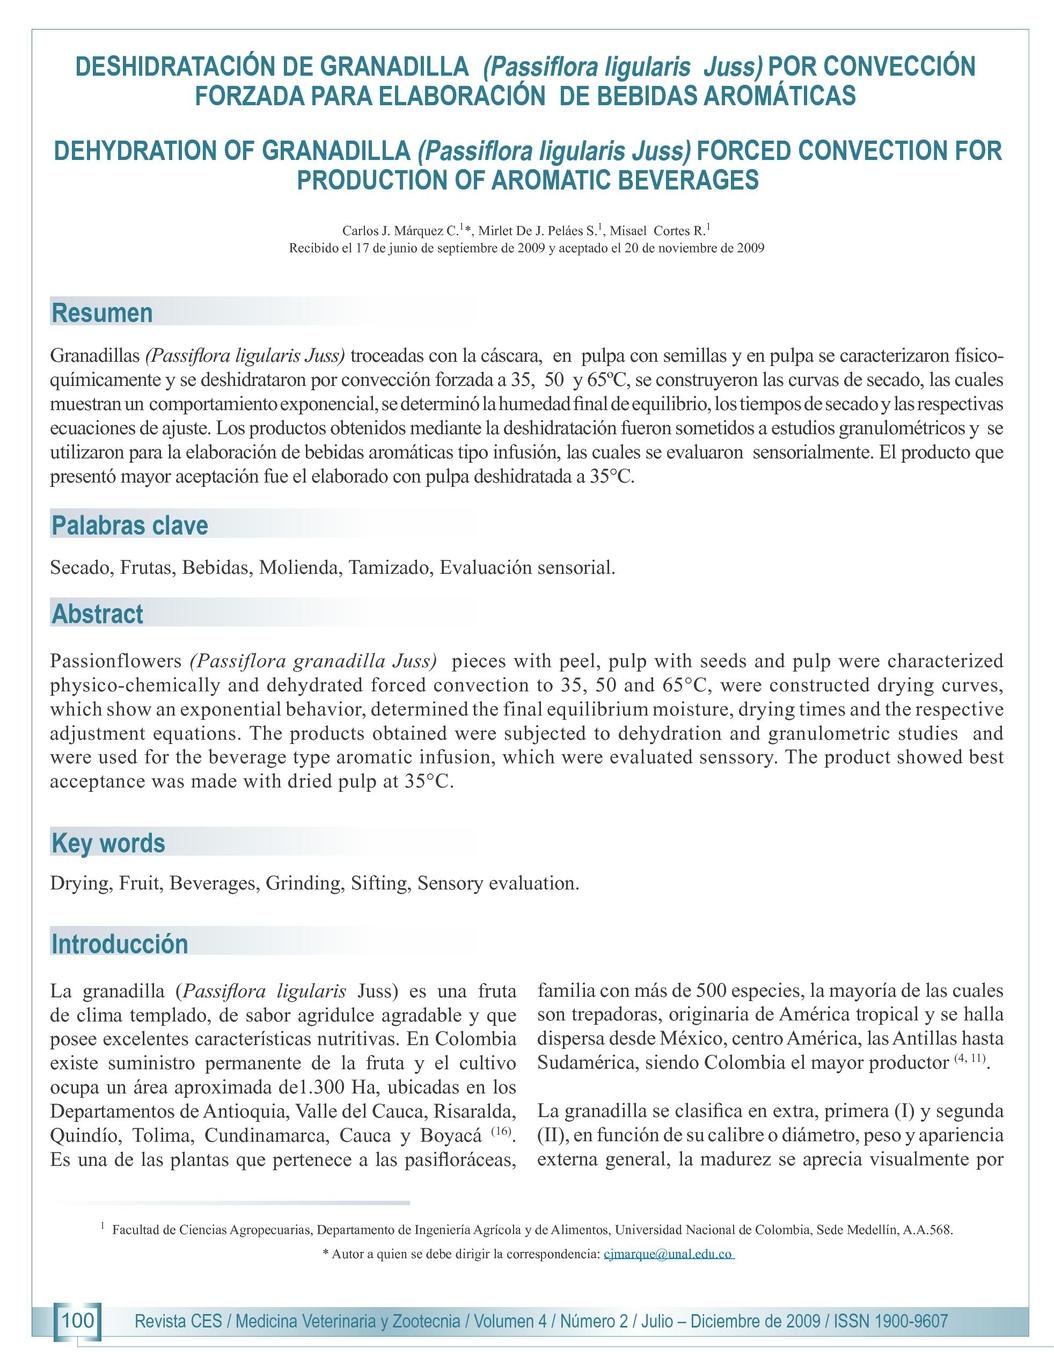 CES - Revista Veterinaria Julio - Diciembre 2009